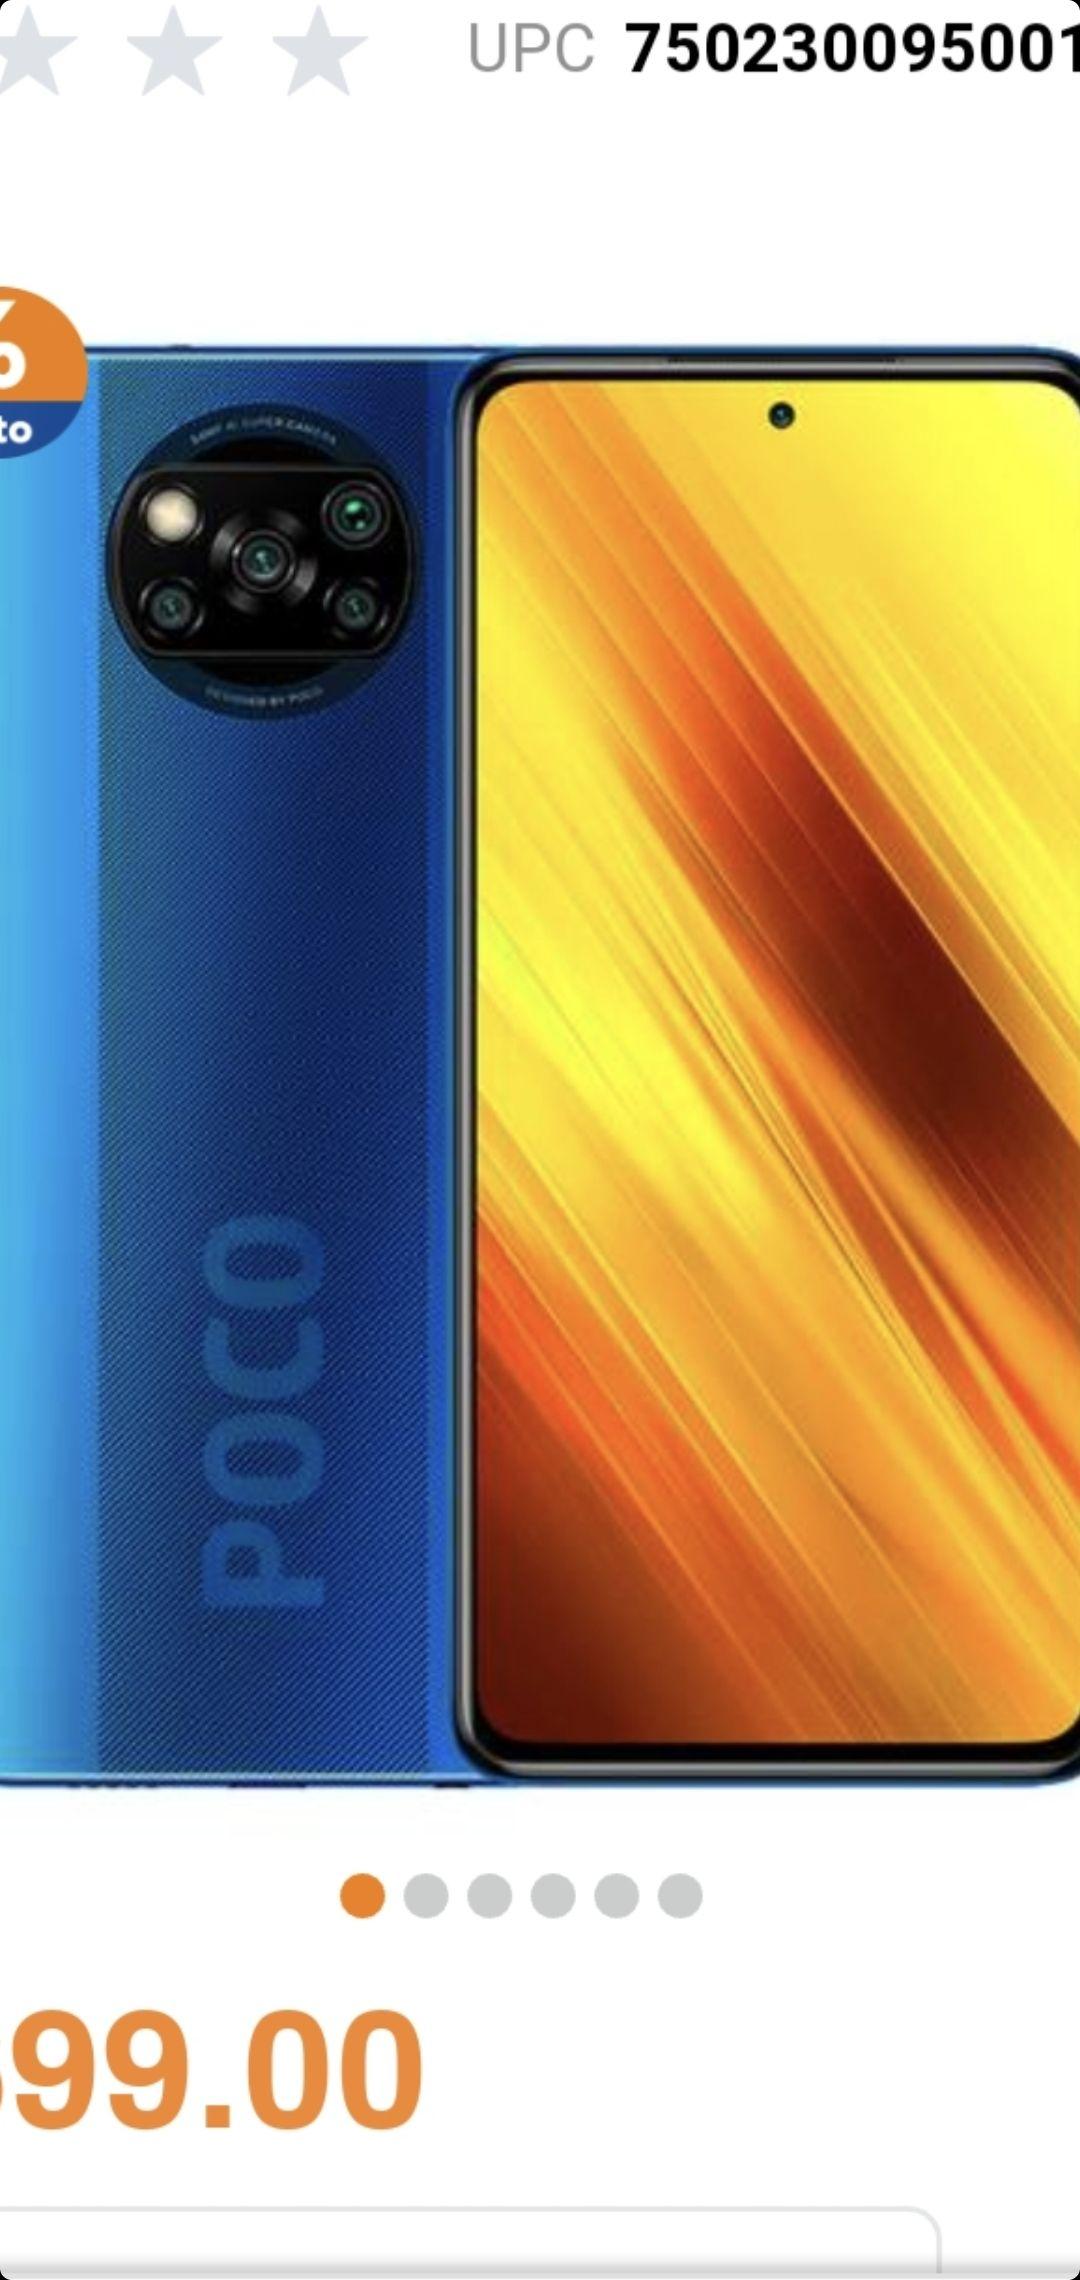 Chedraui: Xiaomi Poco x3 128GB Azul + Repetidor Wifi (agregando al carrito) con TDC HSBC MSI